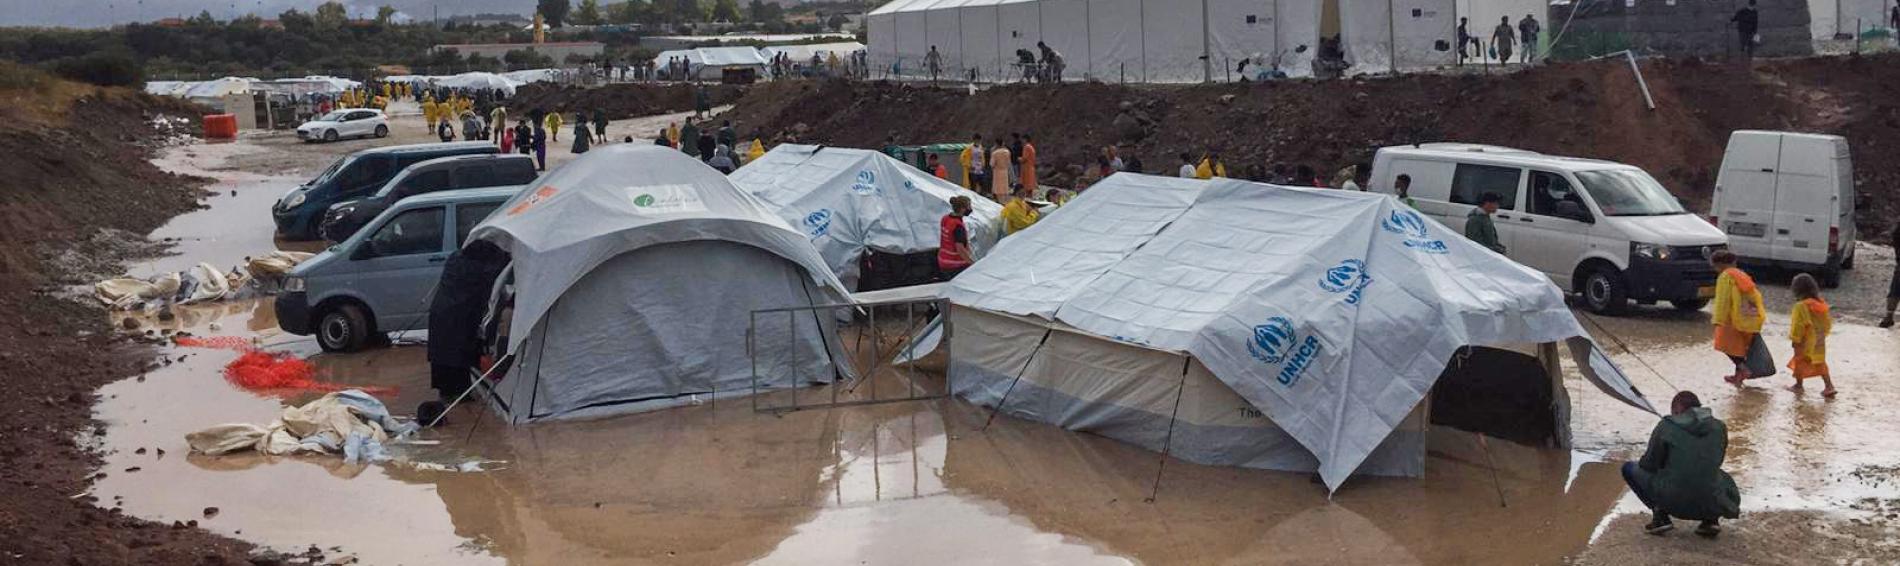 In manchen Flüchtlingscamps herrschen katastrophale Bedingungen. Foto: Ärzte der Welt